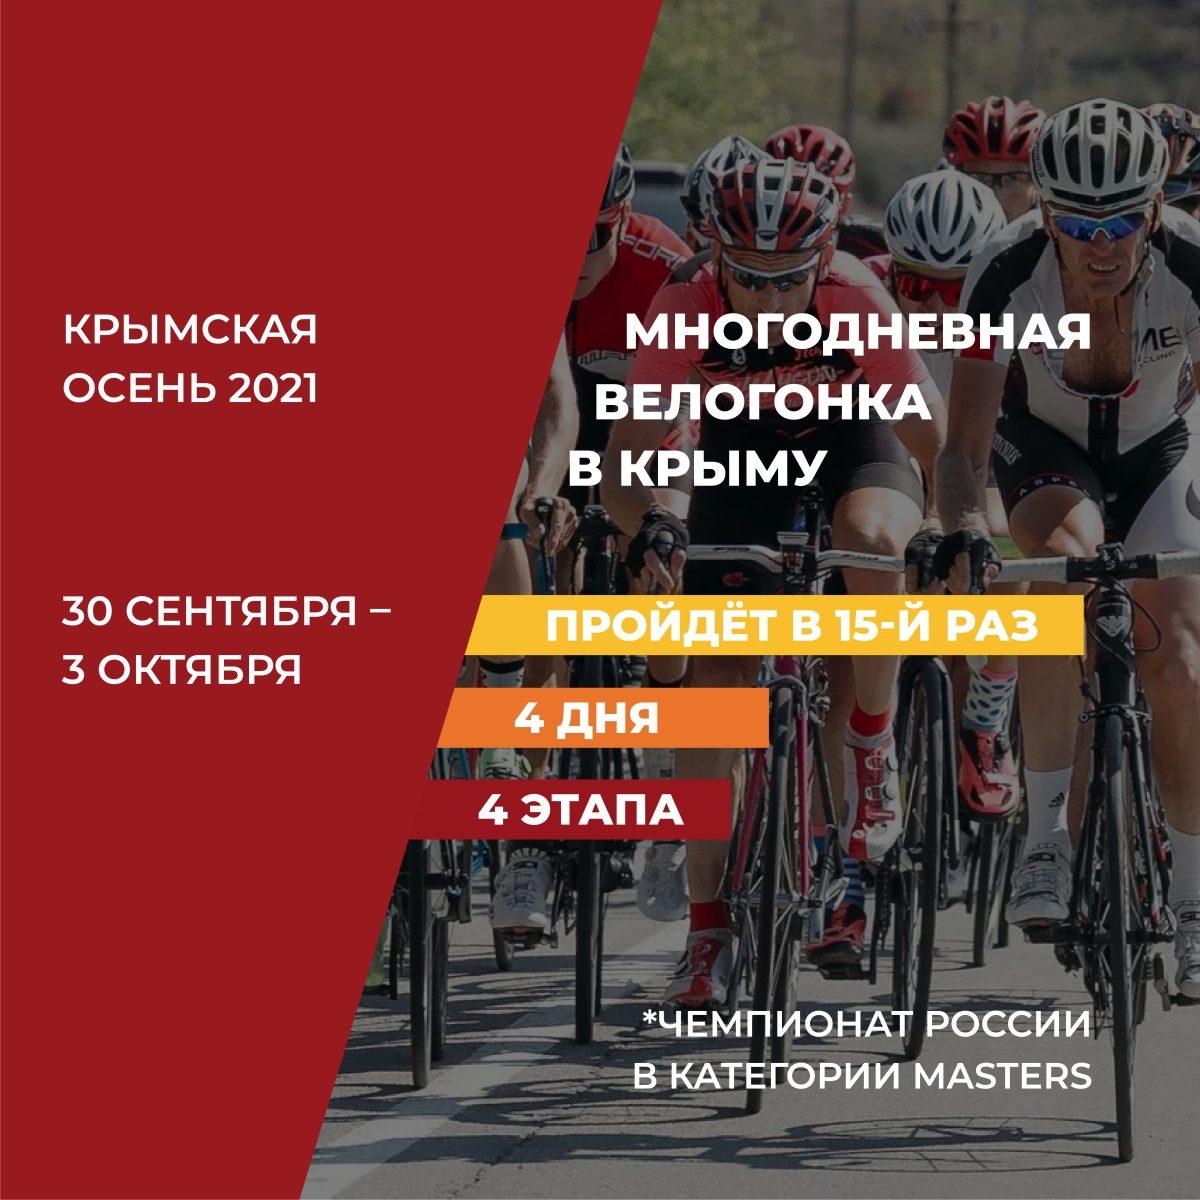 В 2021 году многодневной велогонке «Крымская осень» исполнится 15 лет. Команда организаторов приглашает встретить эту важную дату вместе